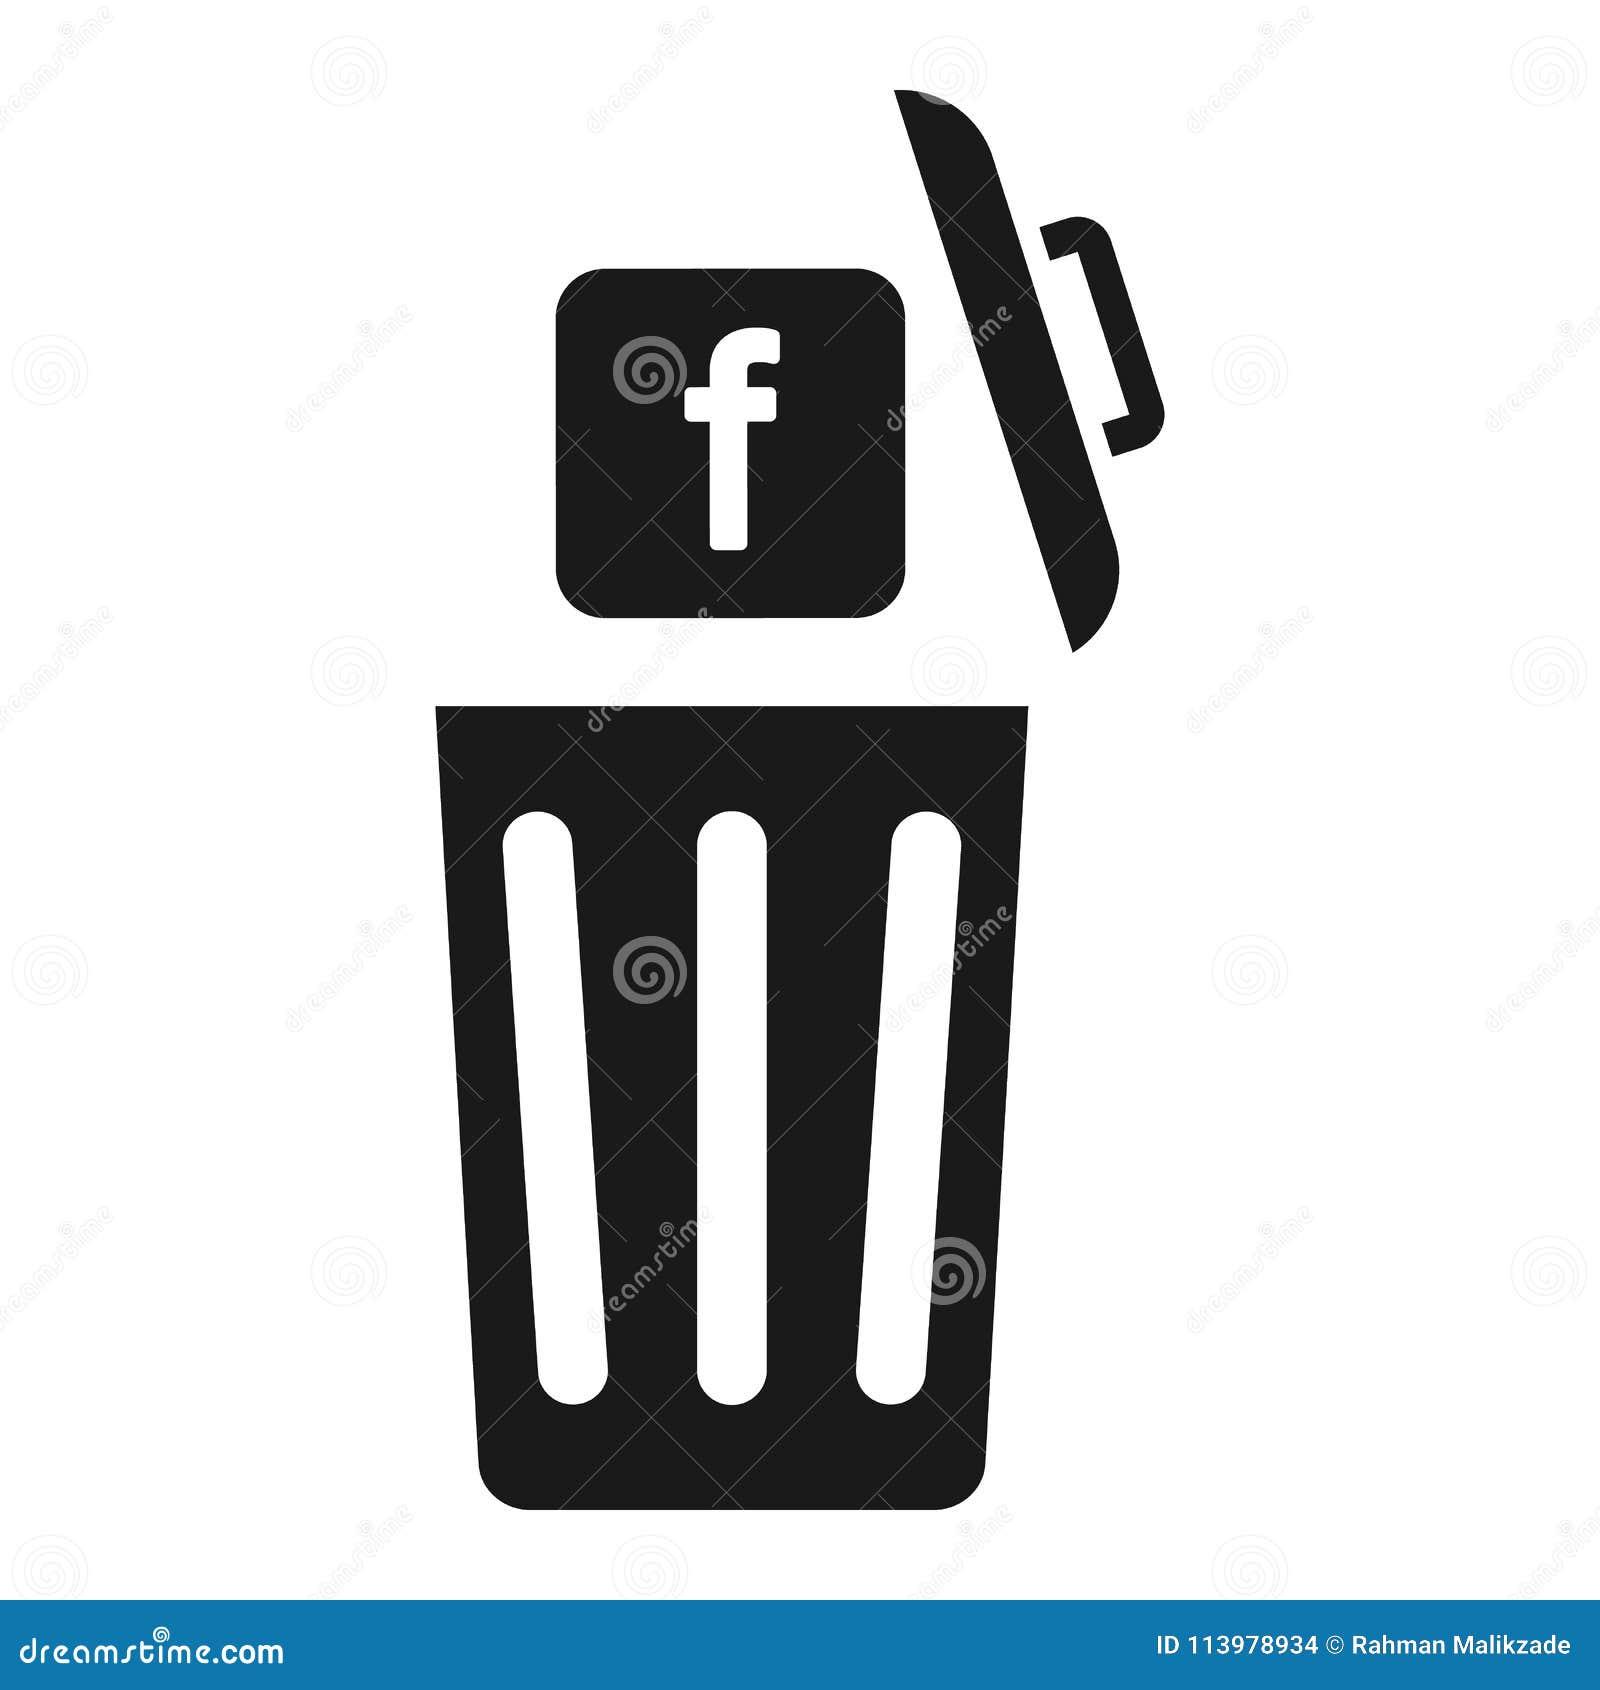 Facebook Delete The F Icon Throw Away Vector Icon Editorial Stock